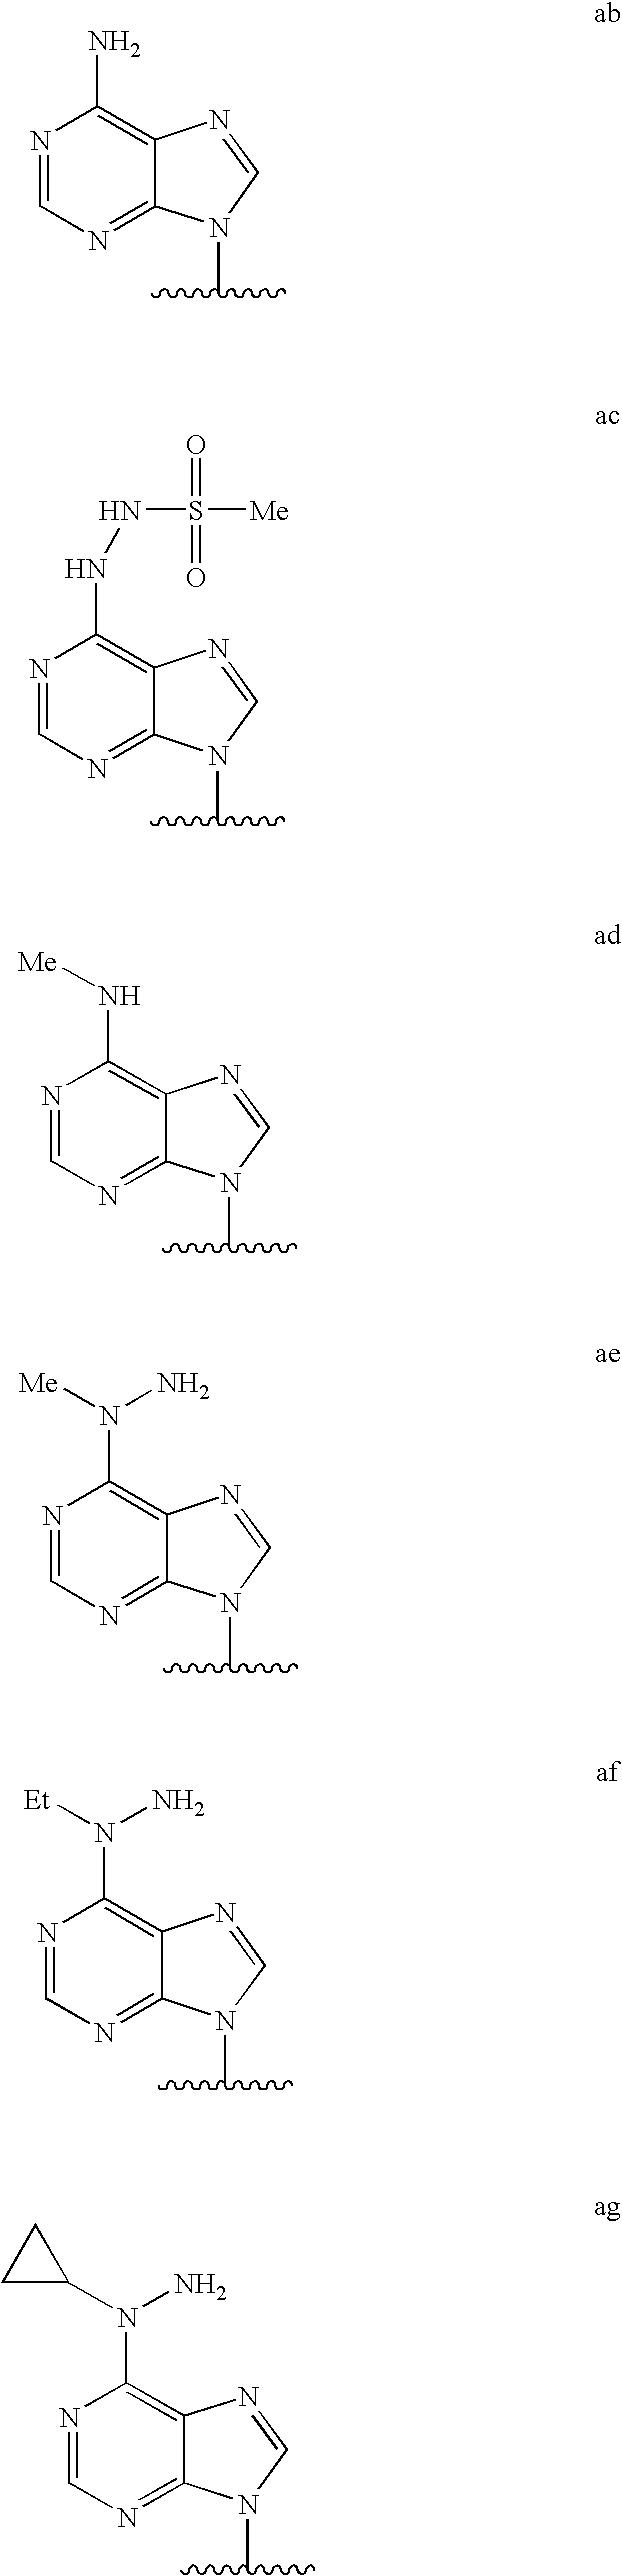 Figure US08173621-20120508-C00039